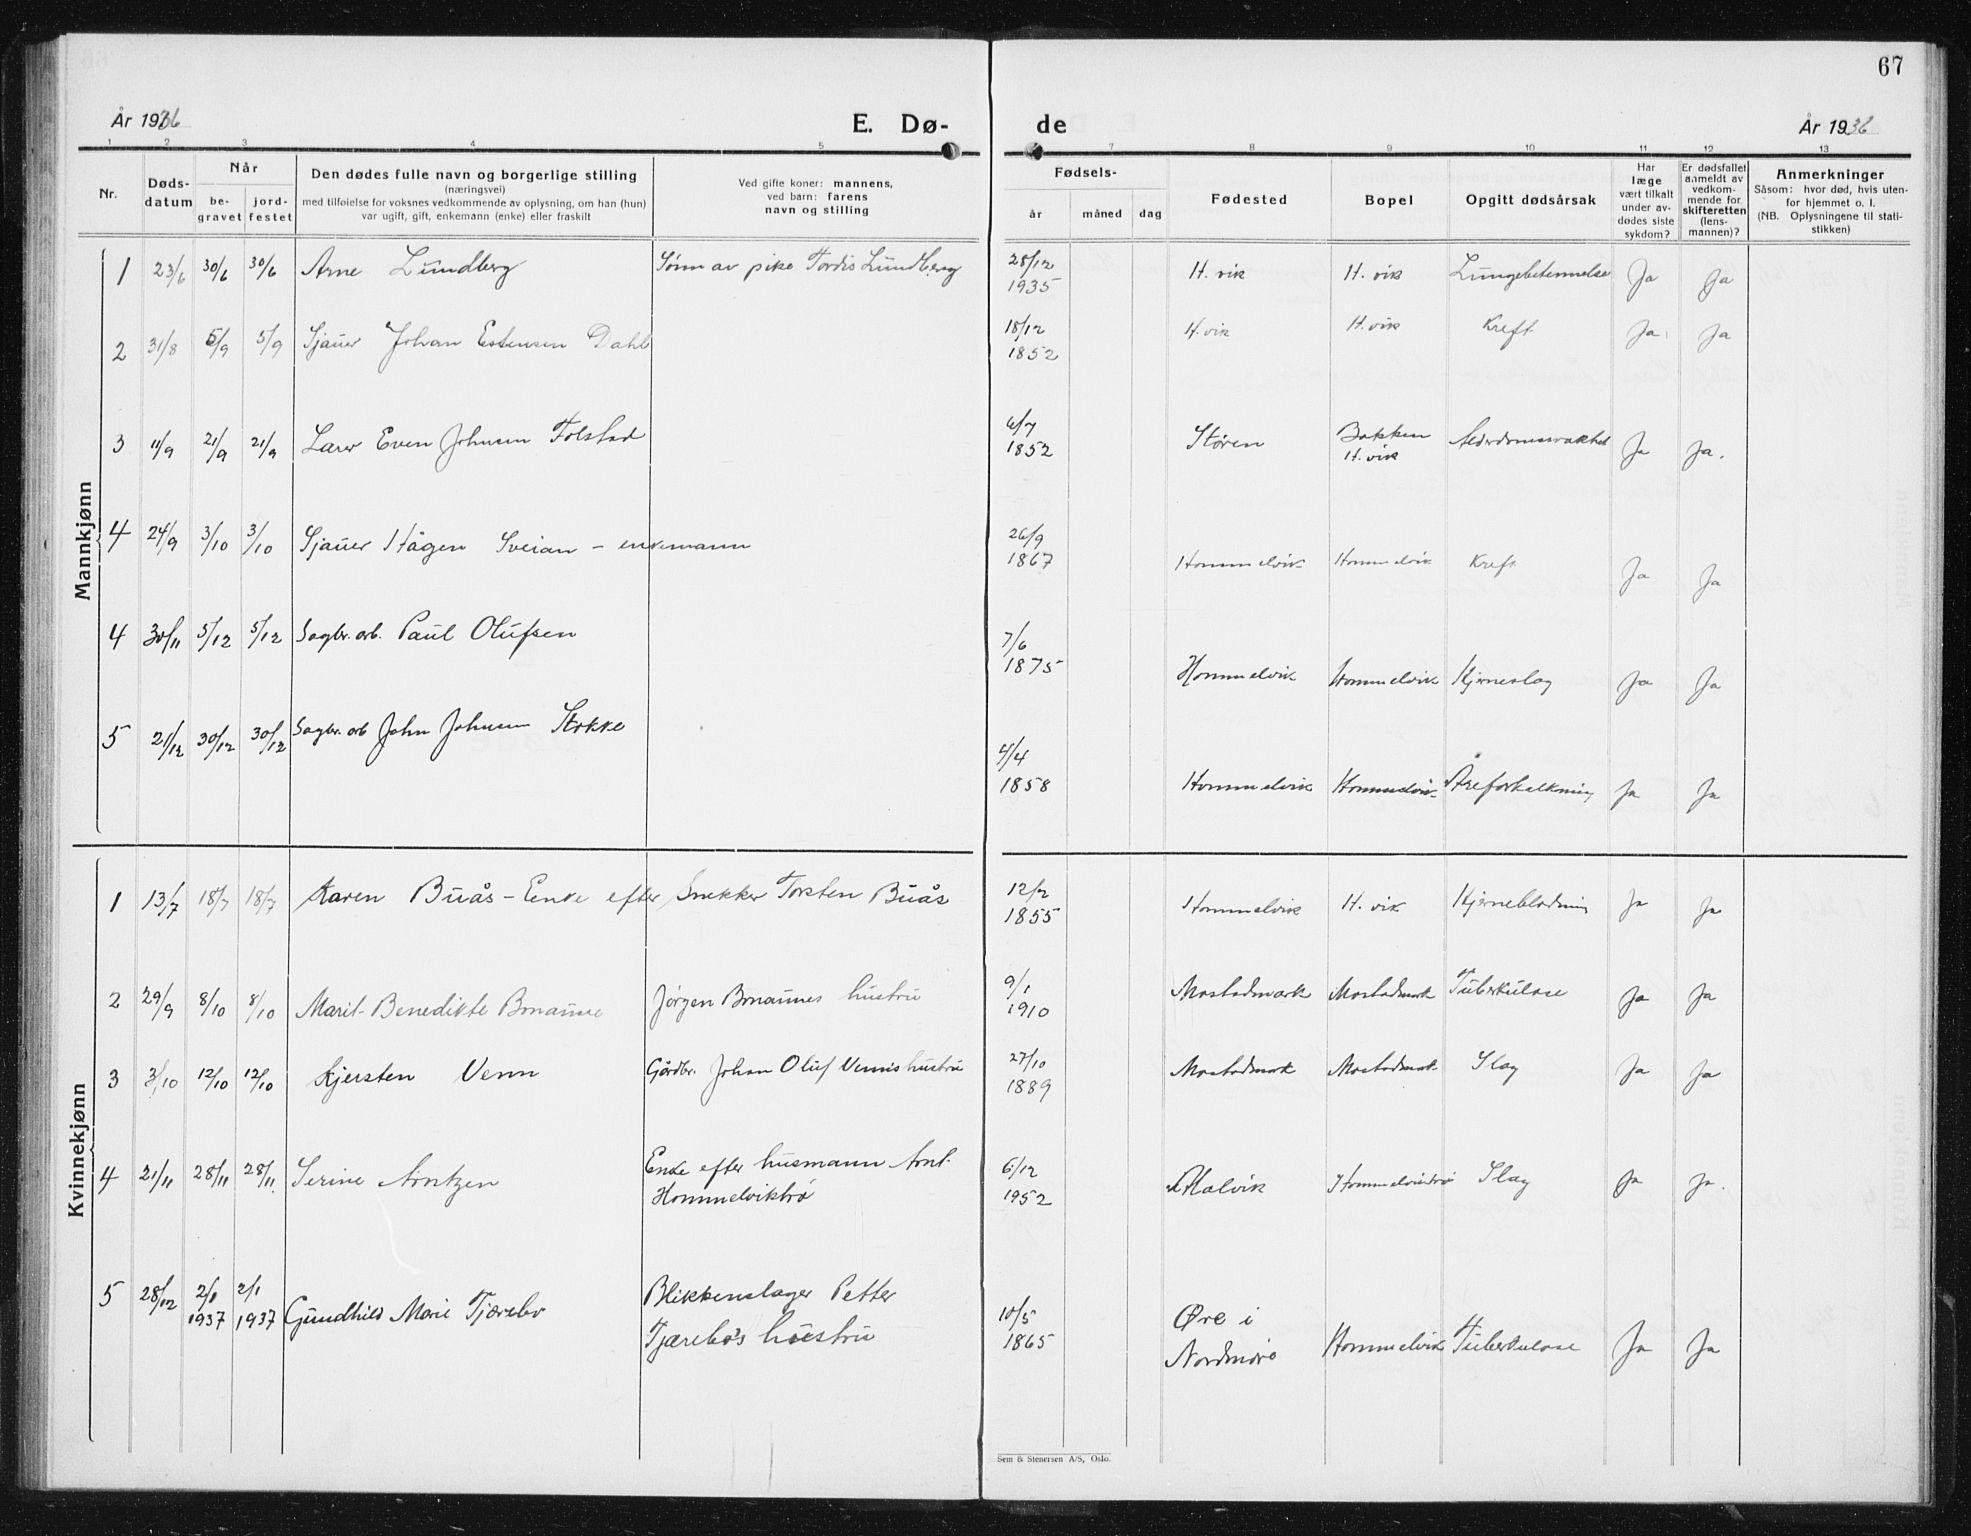 SAT, Ministerialprotokoller, klokkerbøker og fødselsregistre - Sør-Trøndelag, 617/L0432: Klokkerbok nr. 617C03, 1936-1942, s. 67